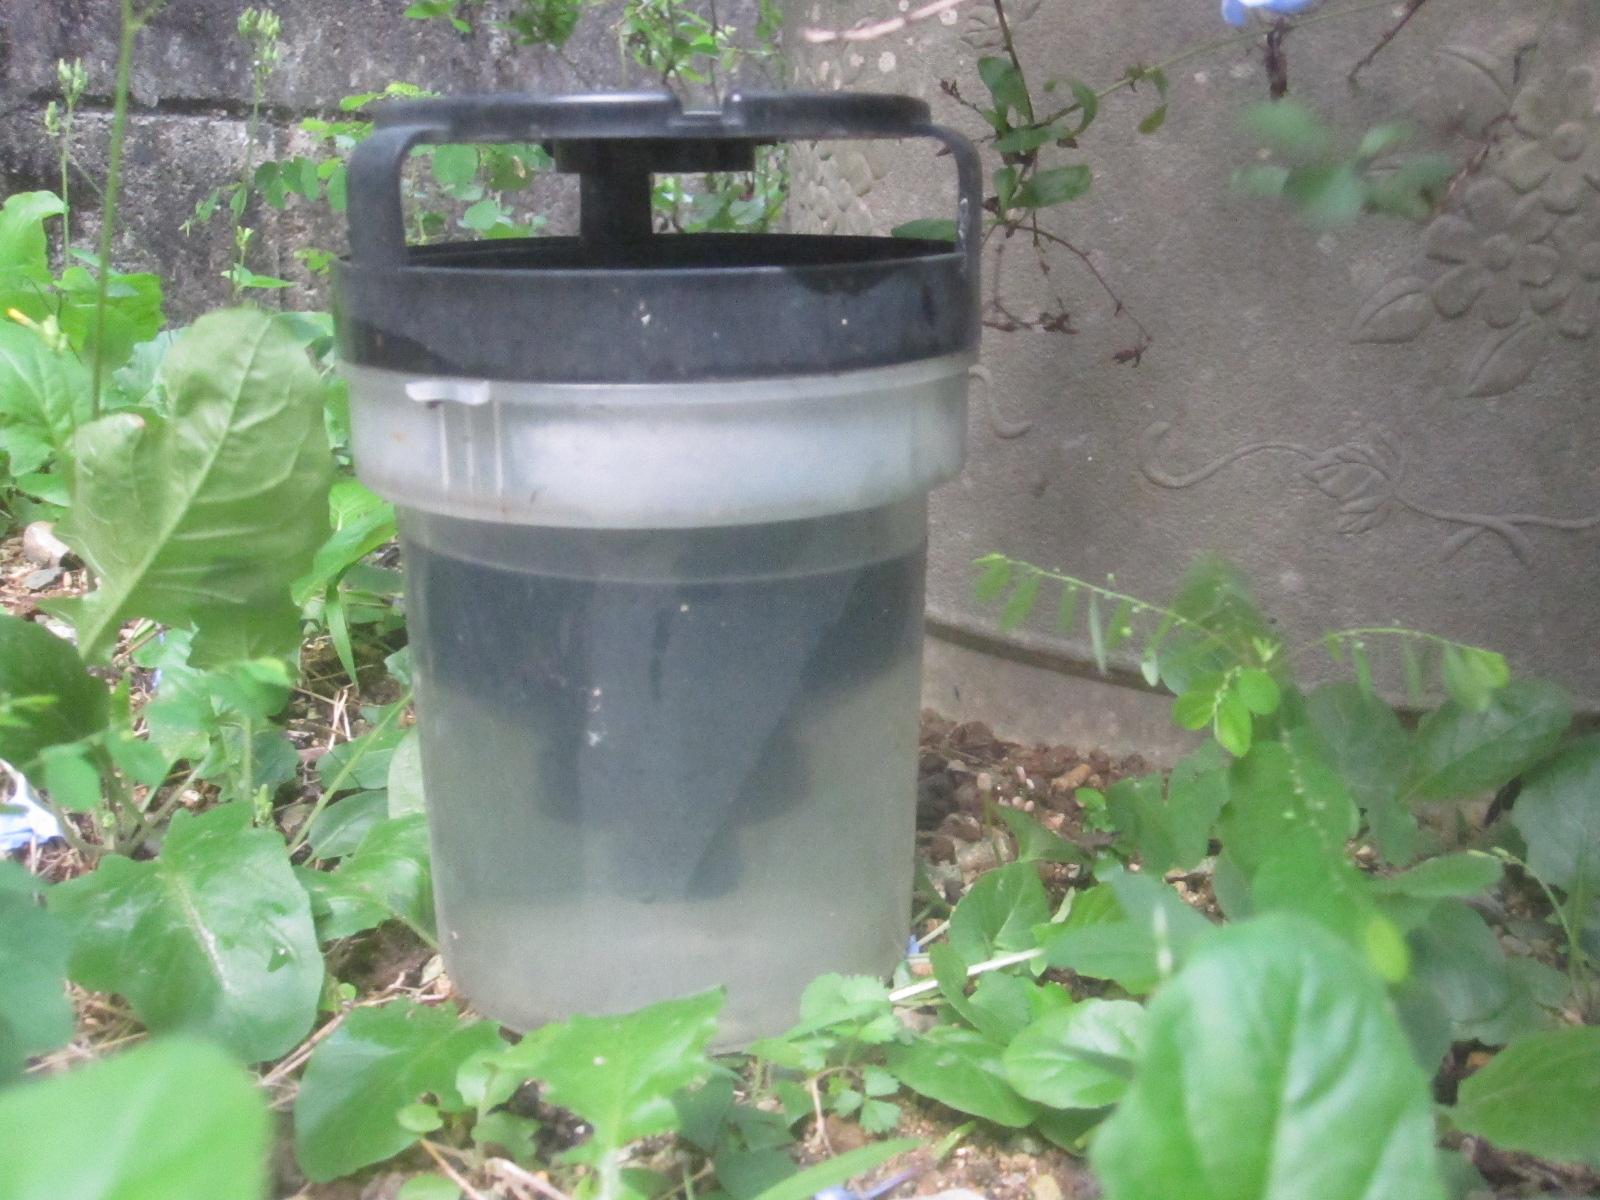 直接雨が当たらない場所、かつ蚊が休みそうな場所を狙って蚊とりんを設置する